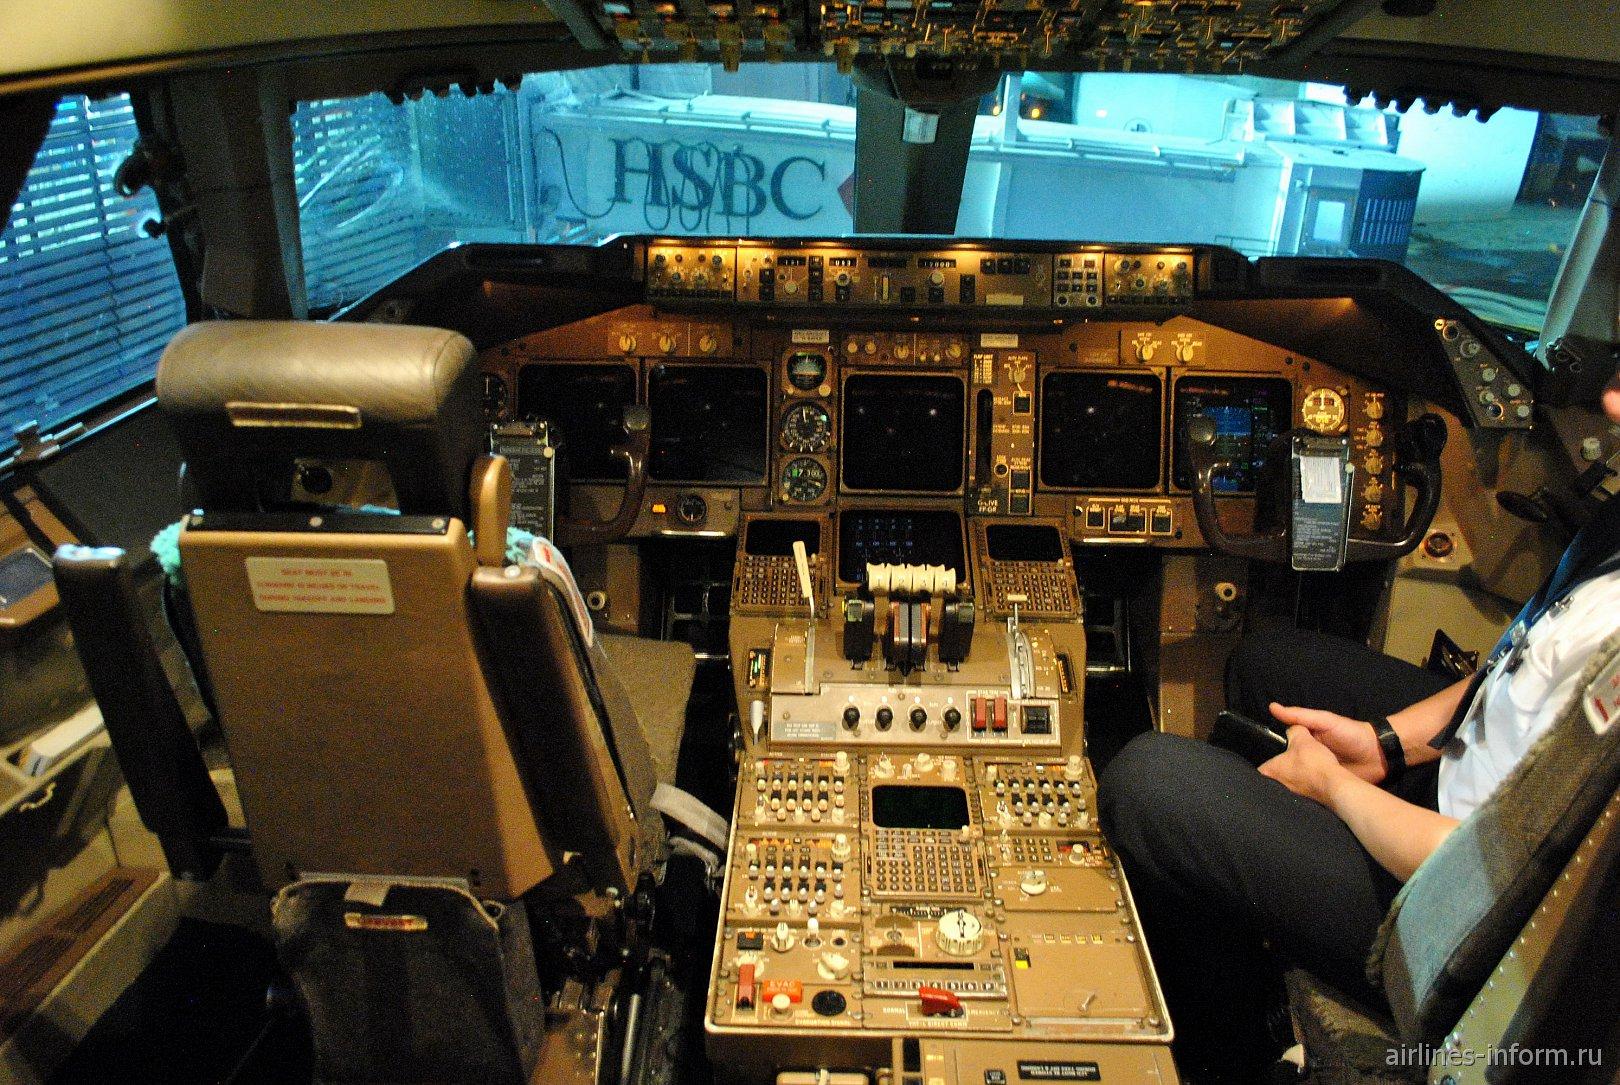 Пилотская кабина в Боинге-747-400 Британских авиалиний